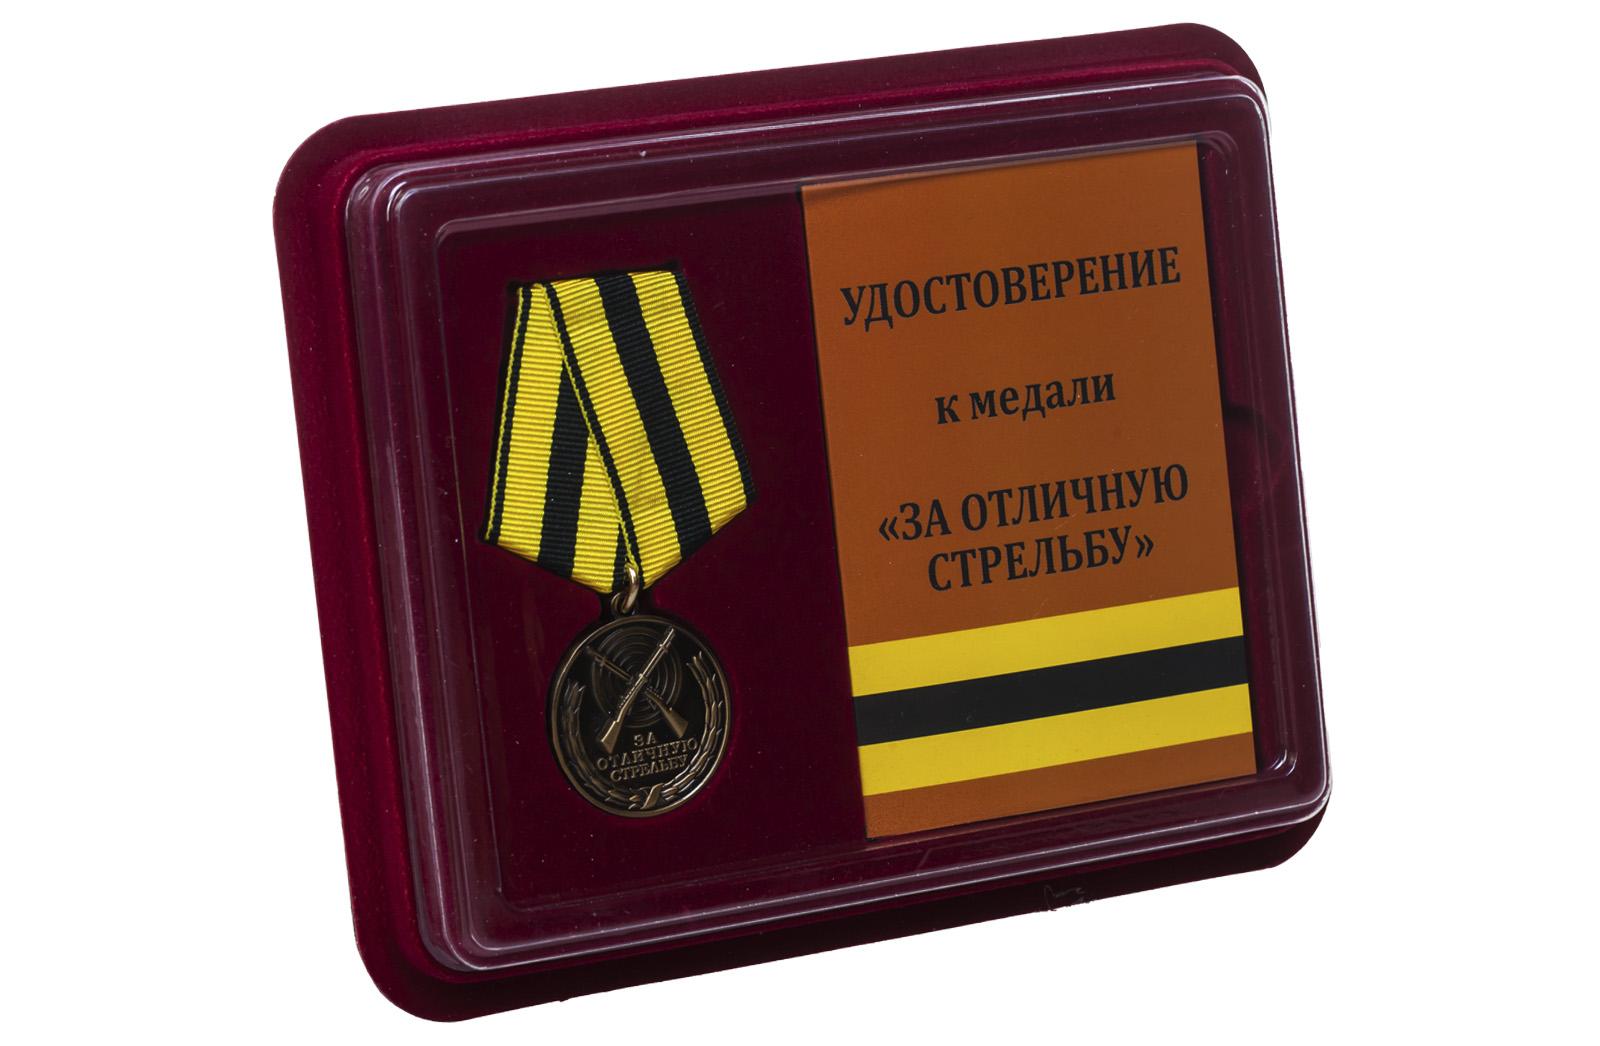 Купить медаль За отличную стрельбу выгодно оптом или в розницу